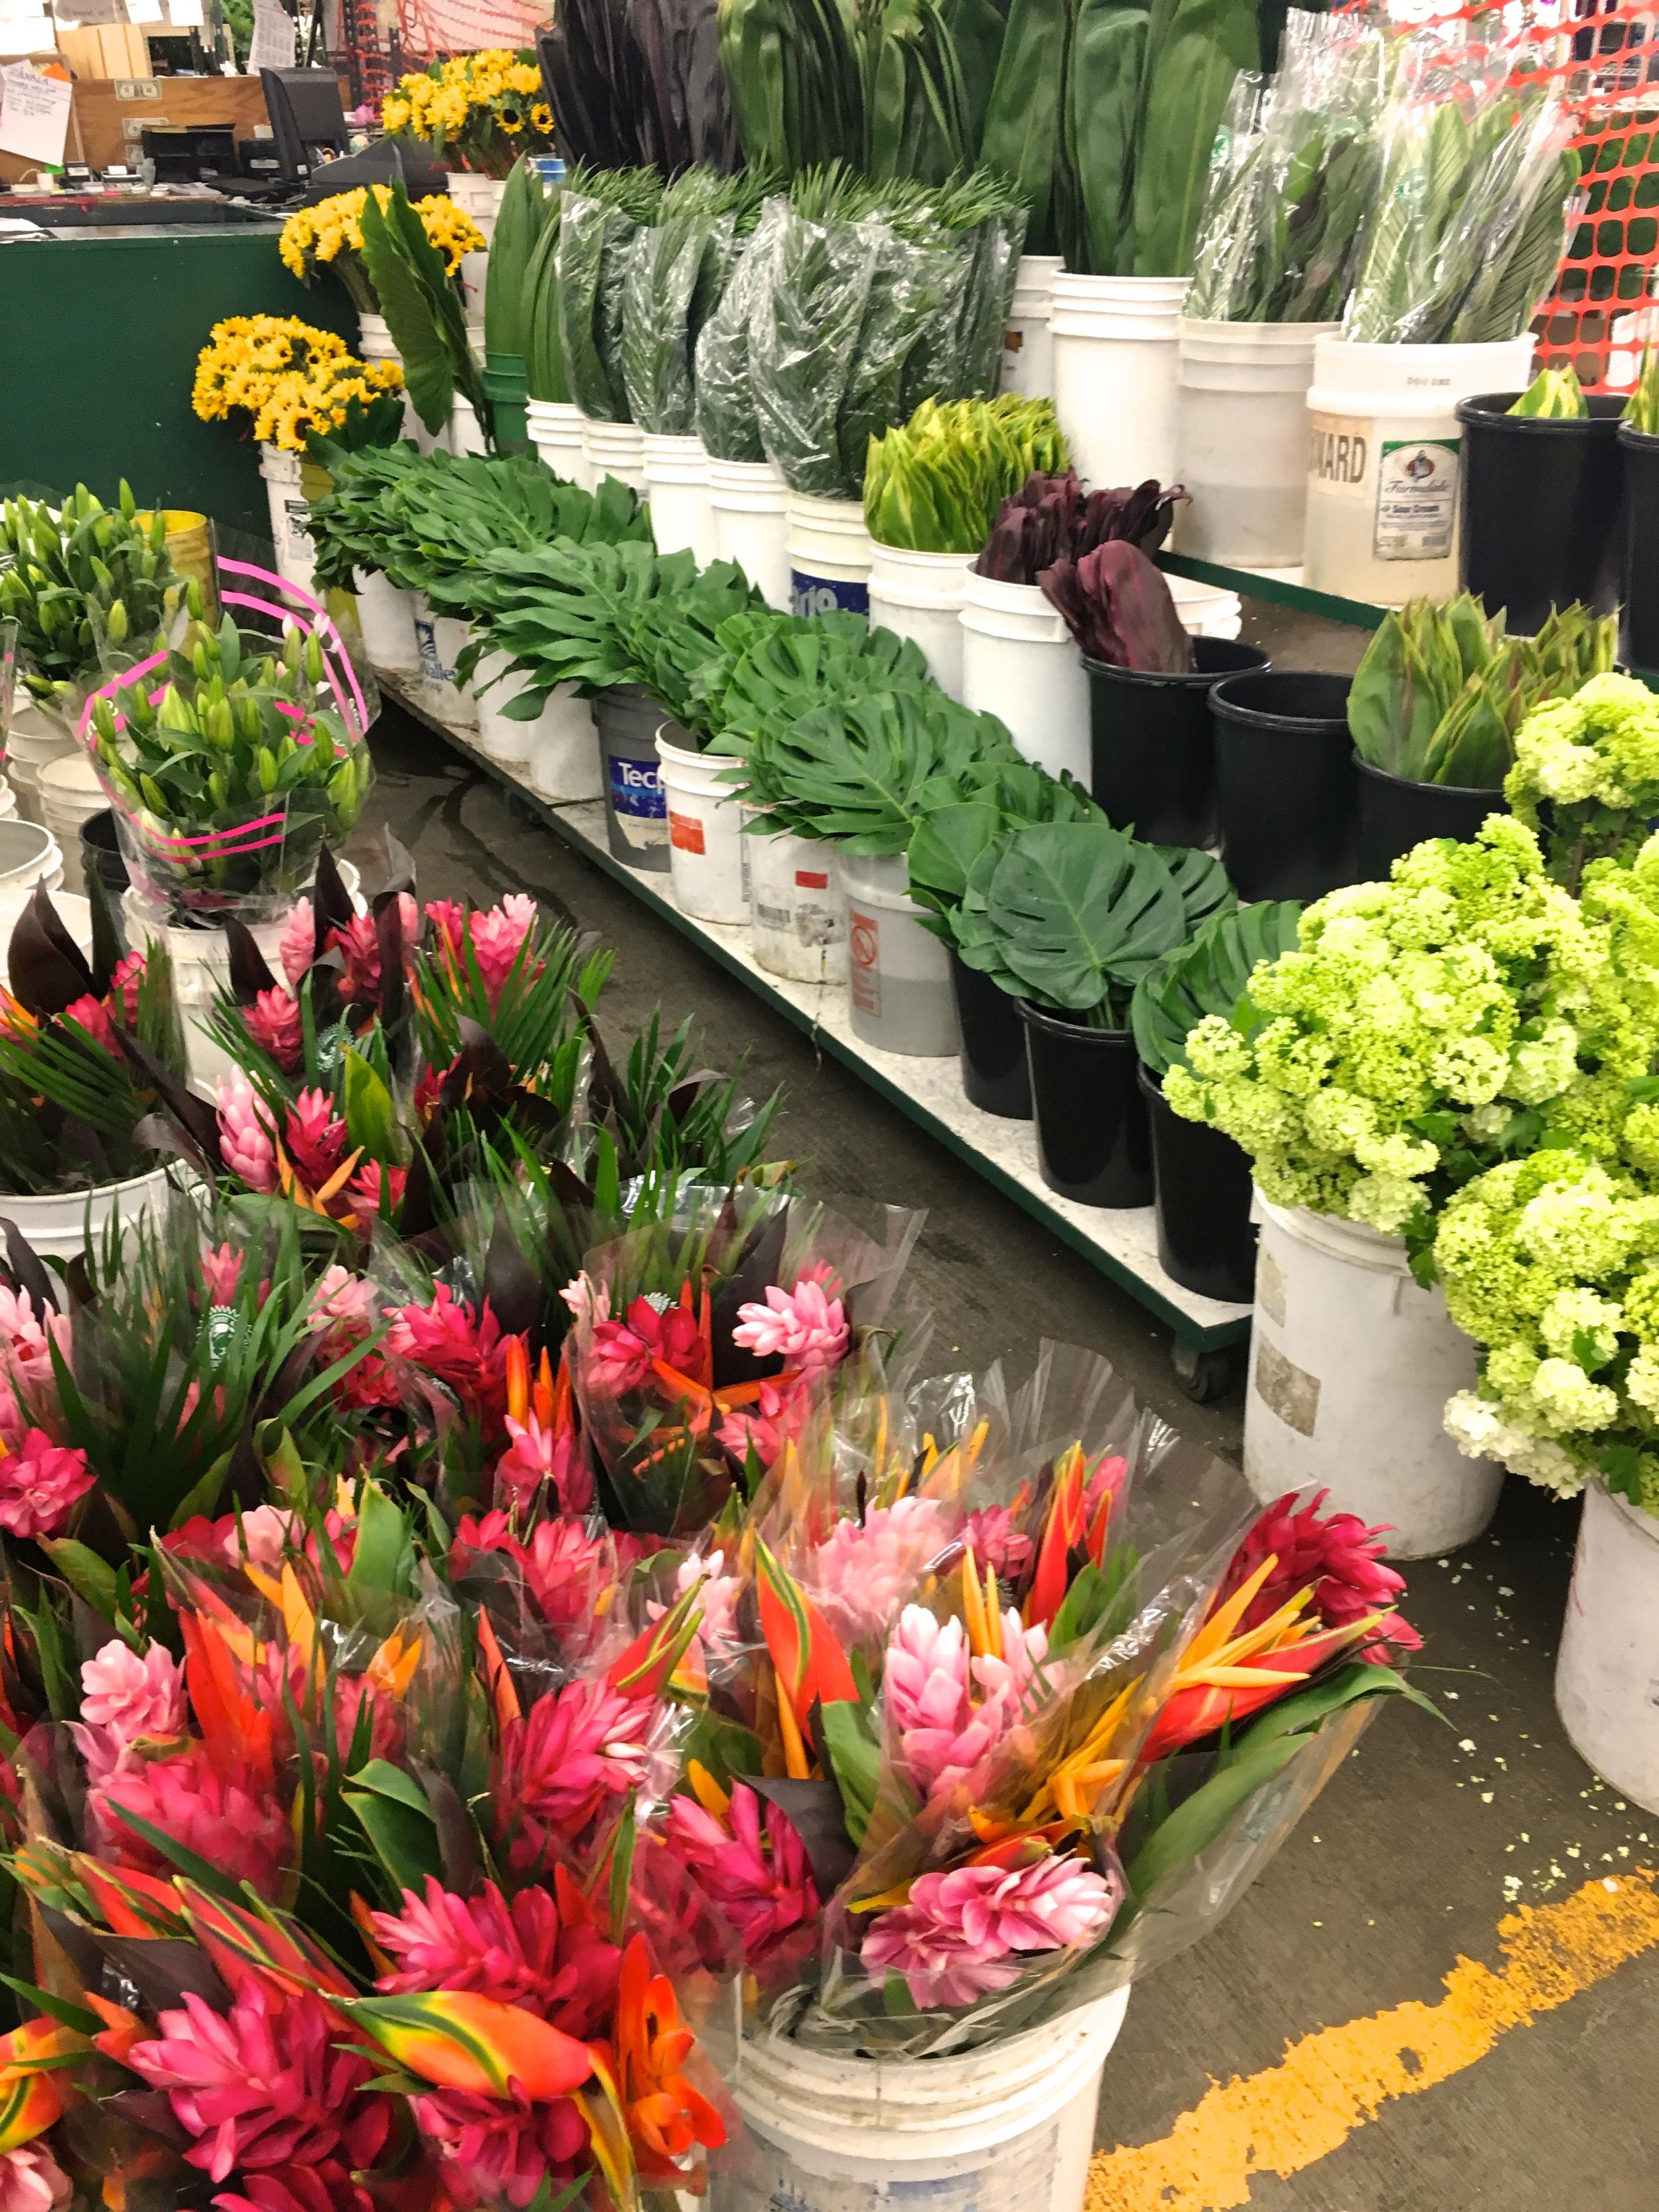 tropical-flowers-la-flower-market.jpg